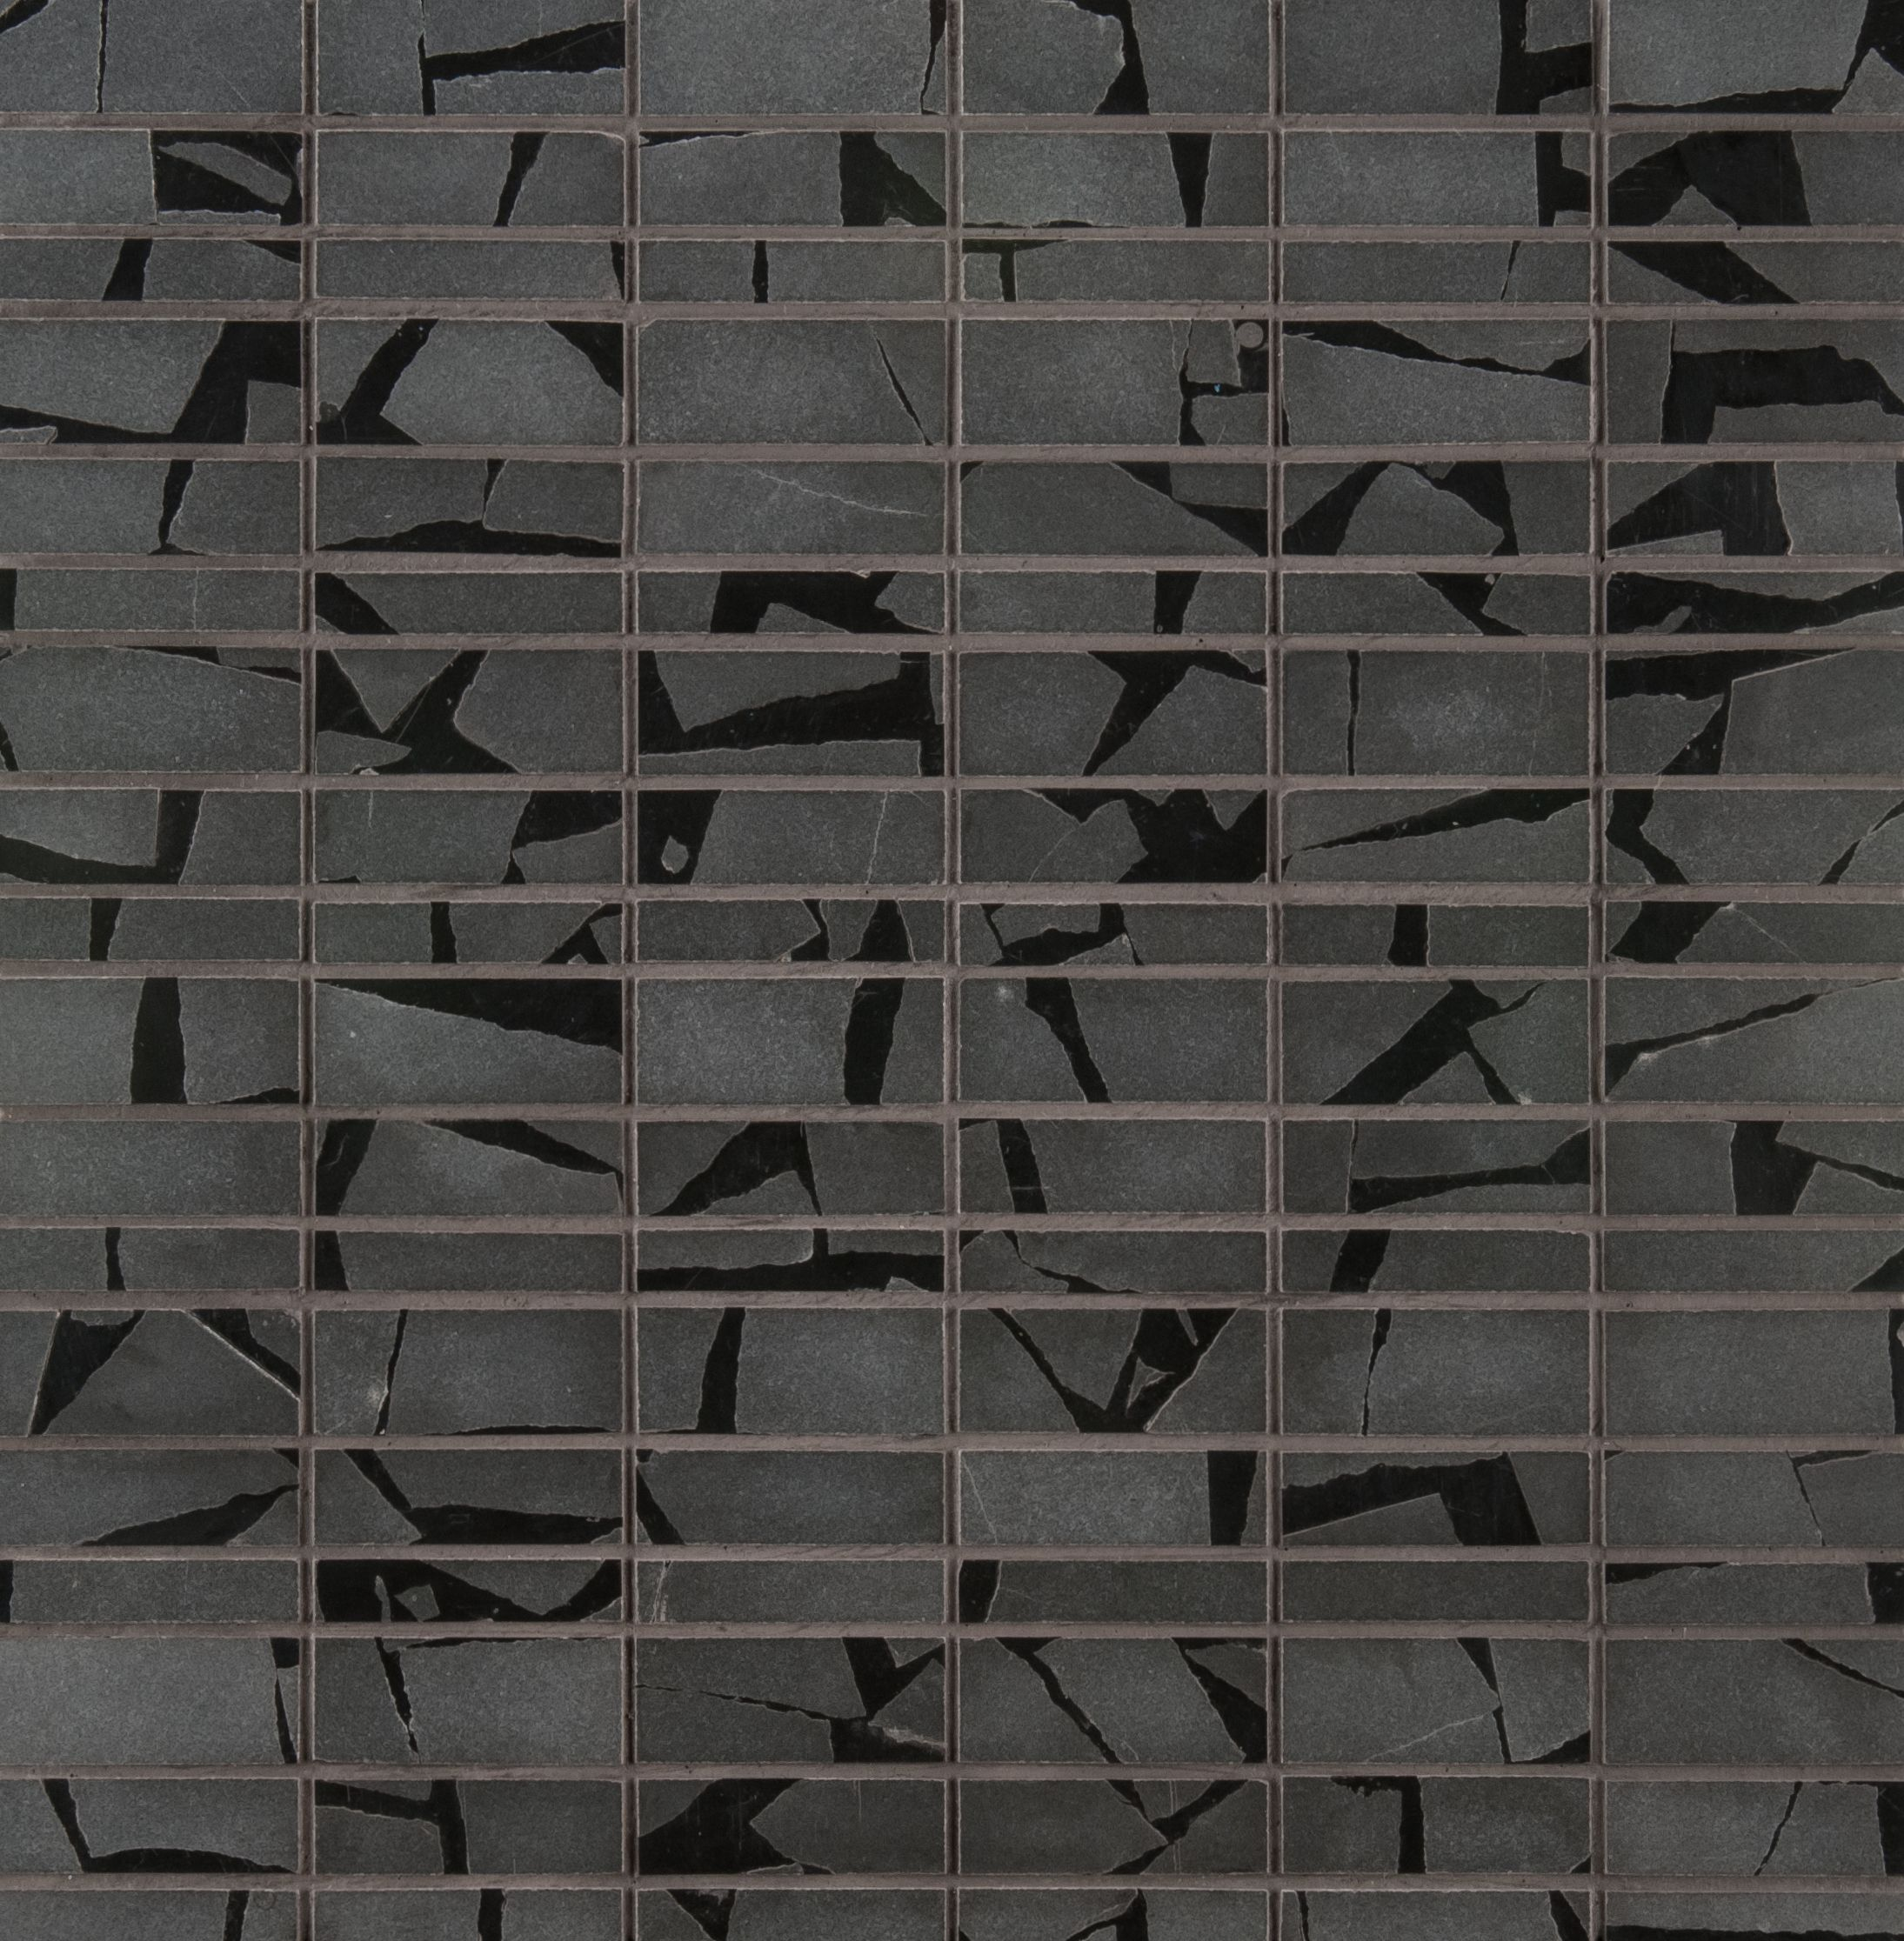 Ann Sacks Mosaic Bathroom Tile: ANN SACKS Selvaggio Thassos Marble Mosaic In Black On